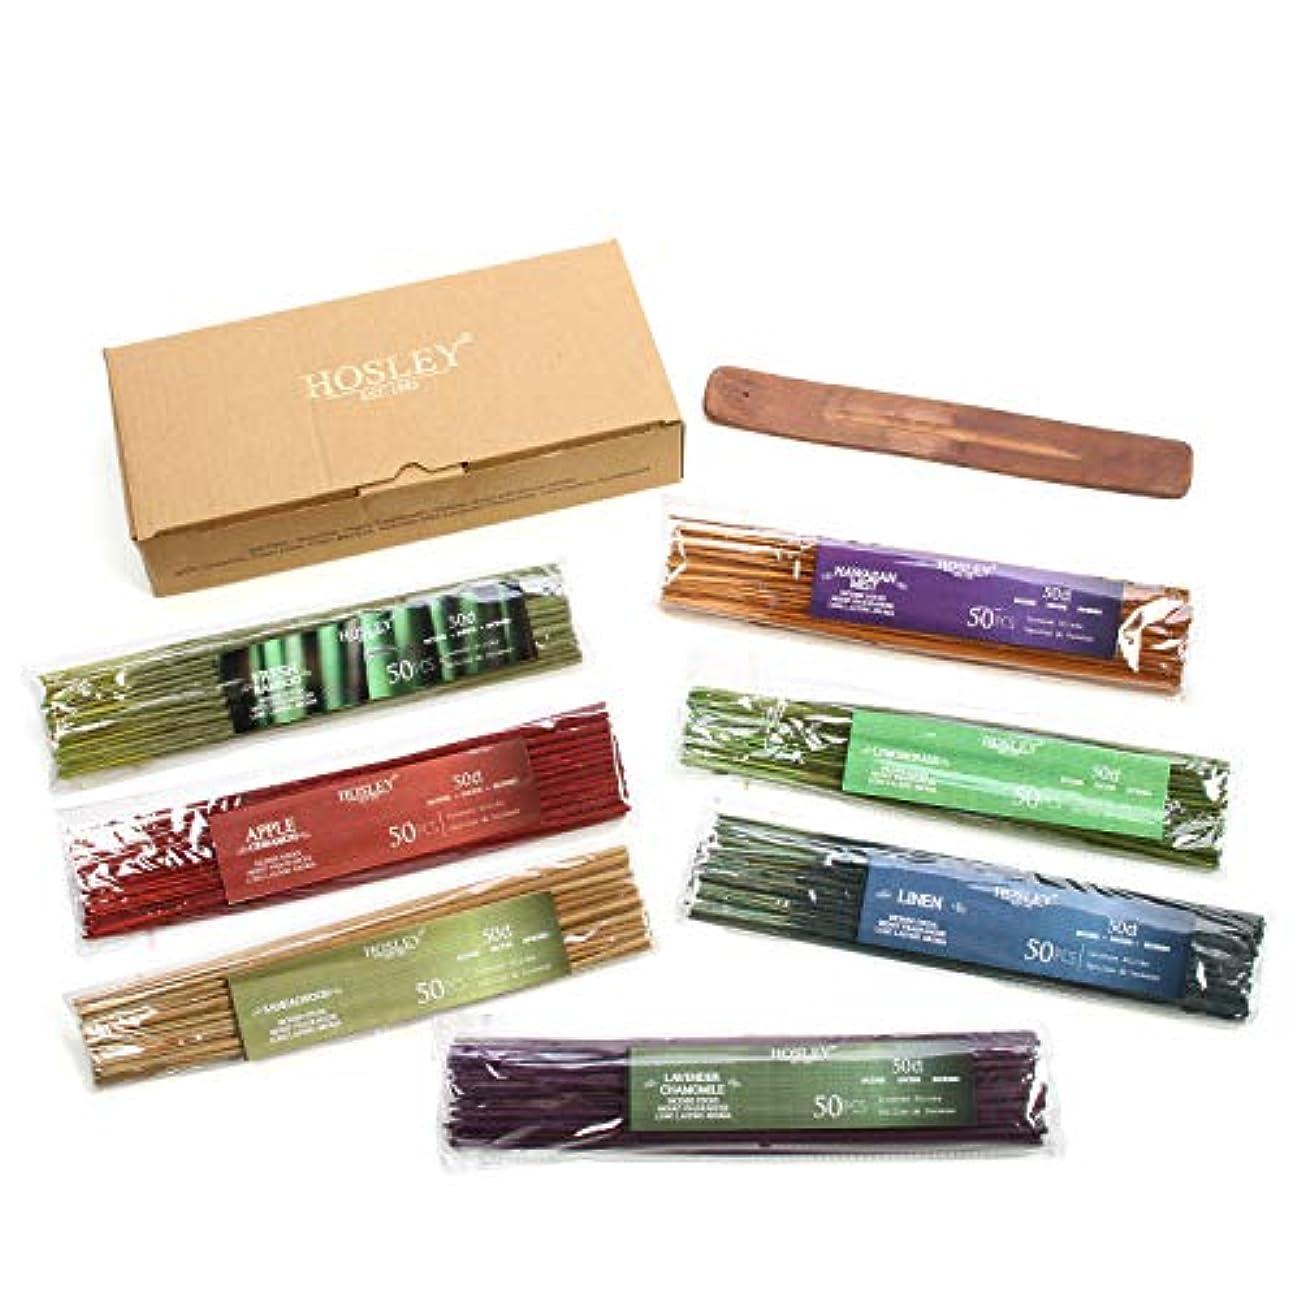 どちらか増強する検閲Hosley's Assorted 350 Pack Incense Sticks, Highly Fragrances include: Apple Cinnamon, Hawaiian Mist, Sandalwood, Linen, Fresh Bamboo, Lemongrass, and Lavender Chamomile. Great for Aromatherapy.